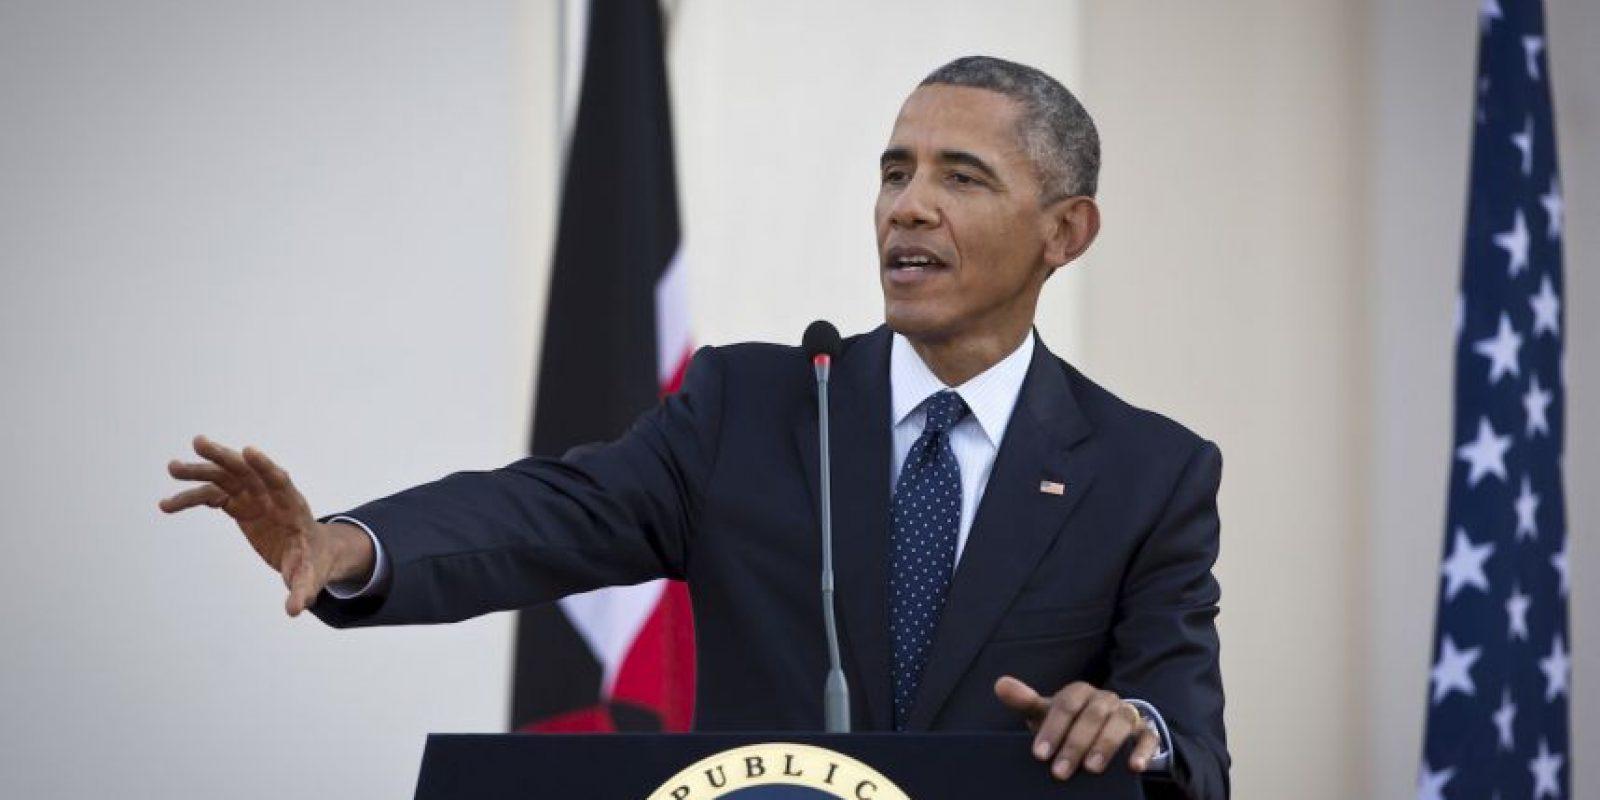 El presidente Barack Obama bromeó sobre sus orígenes durante su visita de Estado a Kenia. Foto:AP